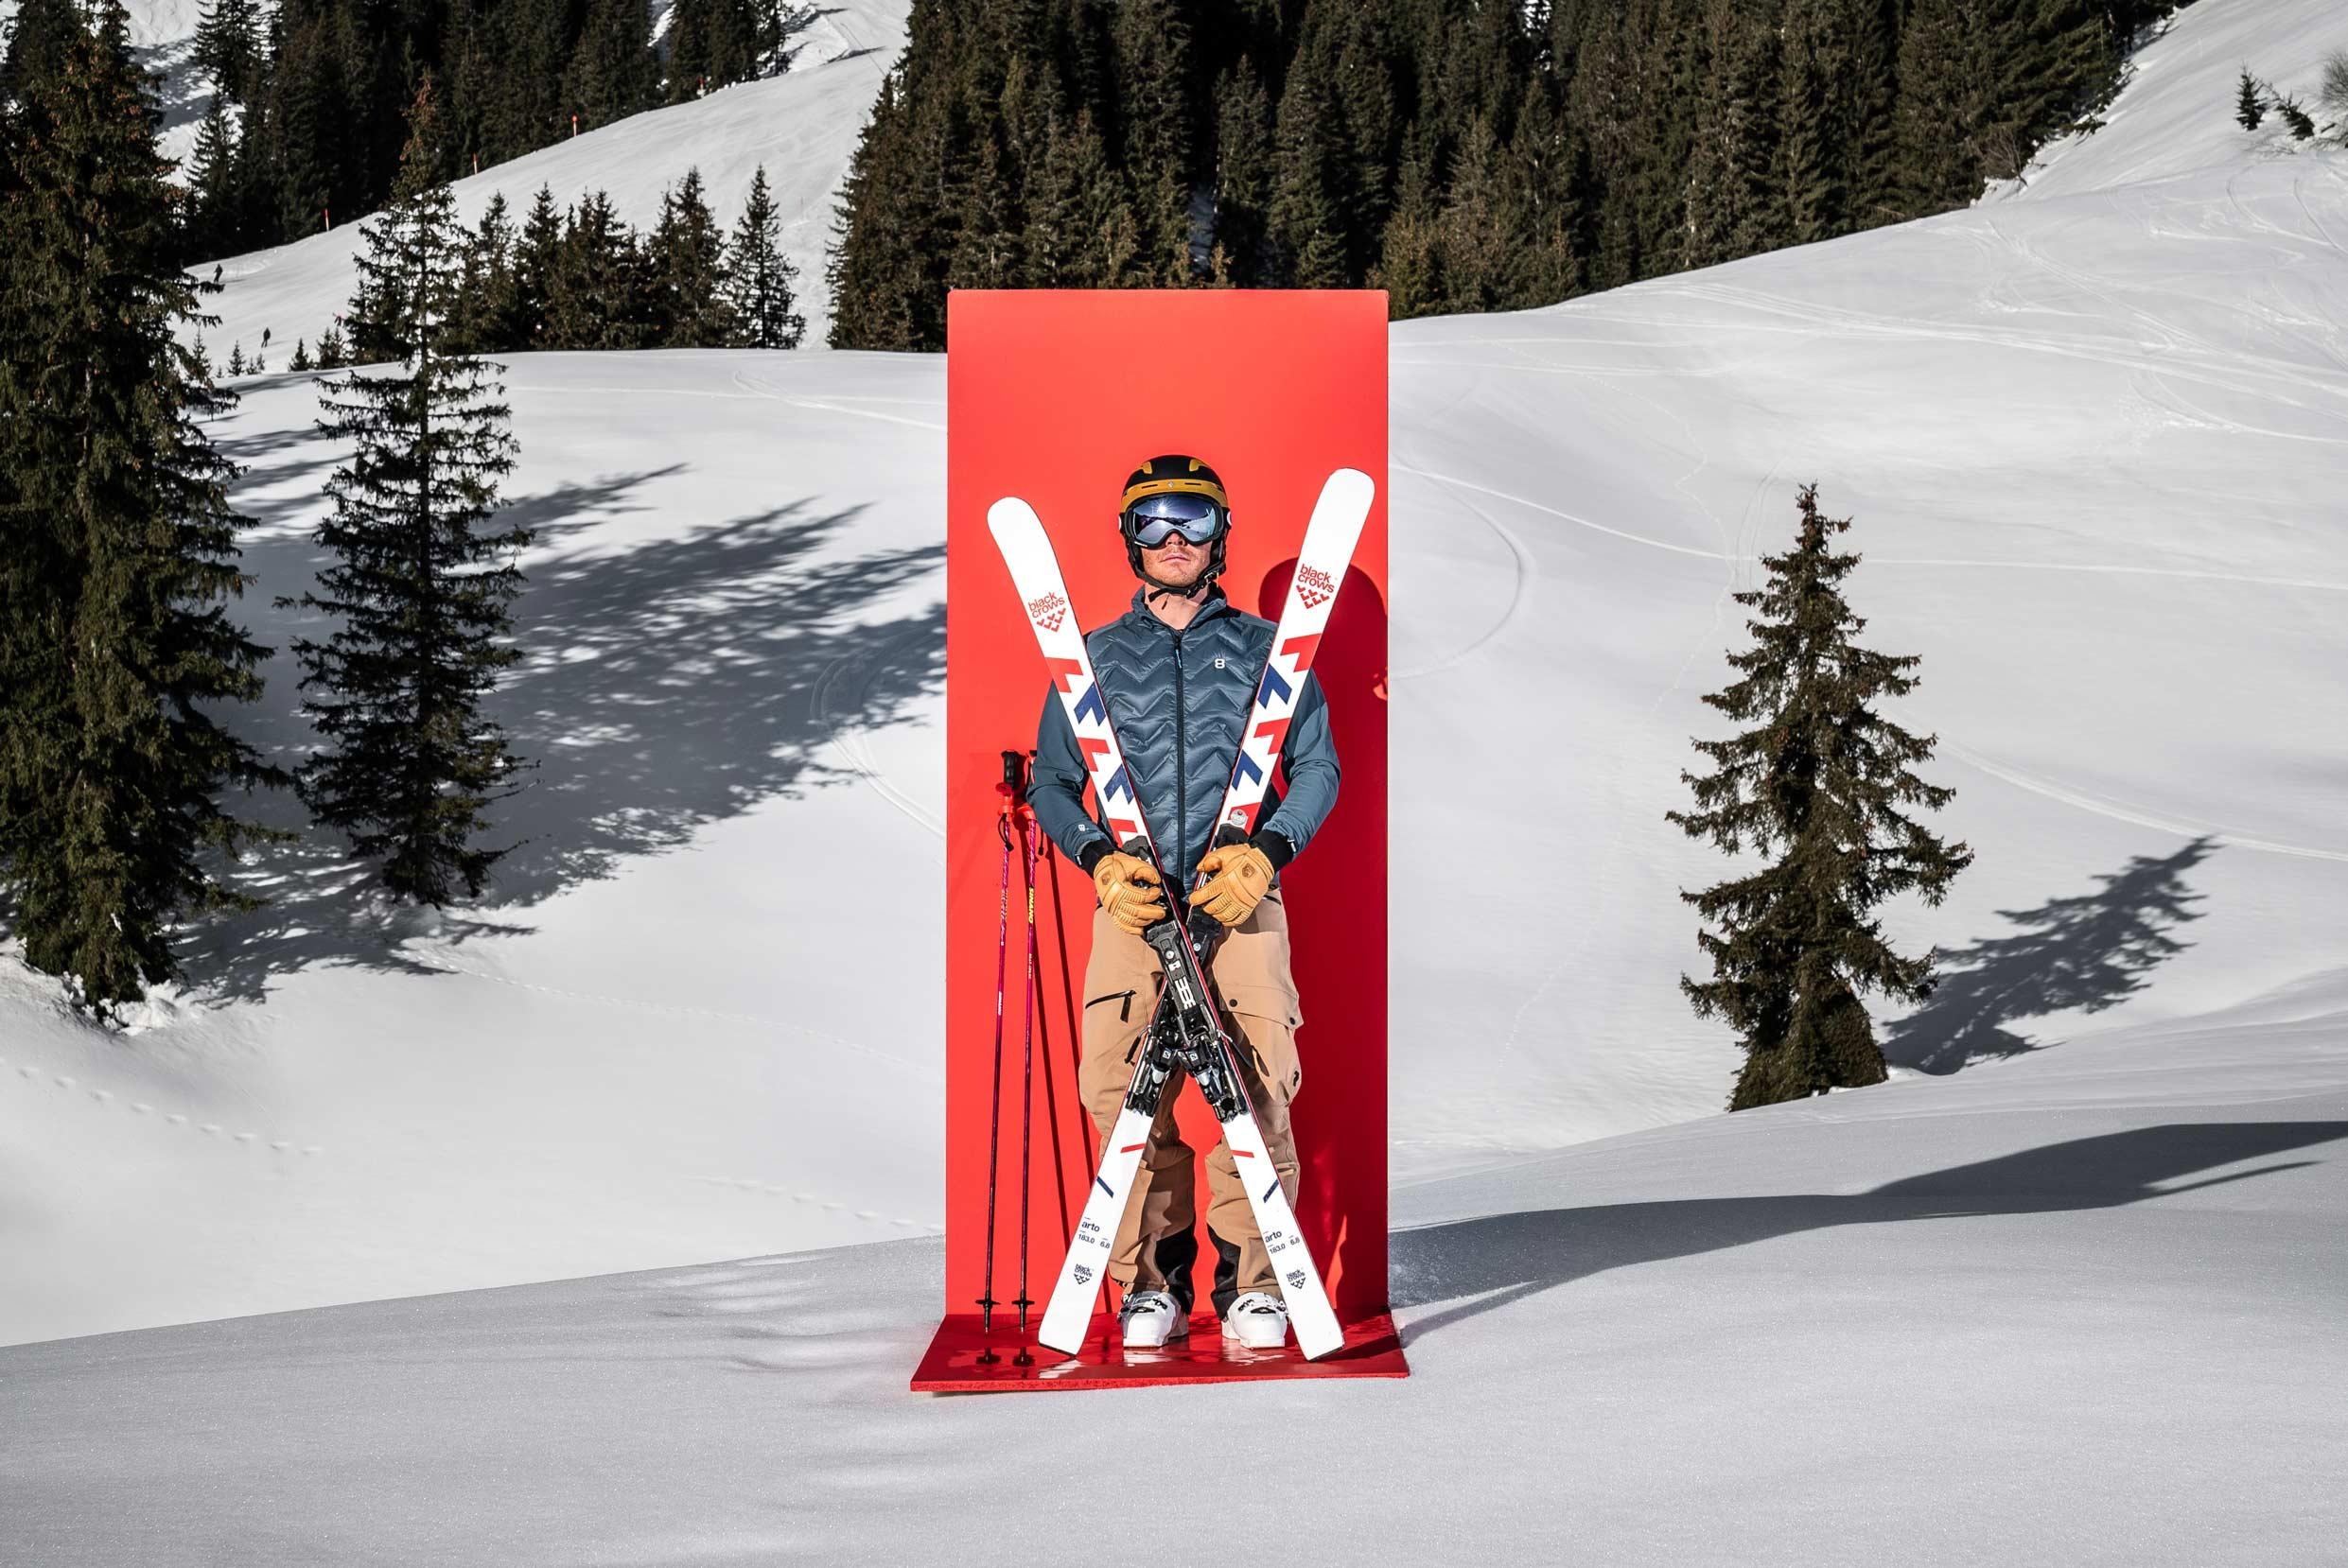 Ein Mann posiert stolz im Skigebiet vor einer roten Tafel.